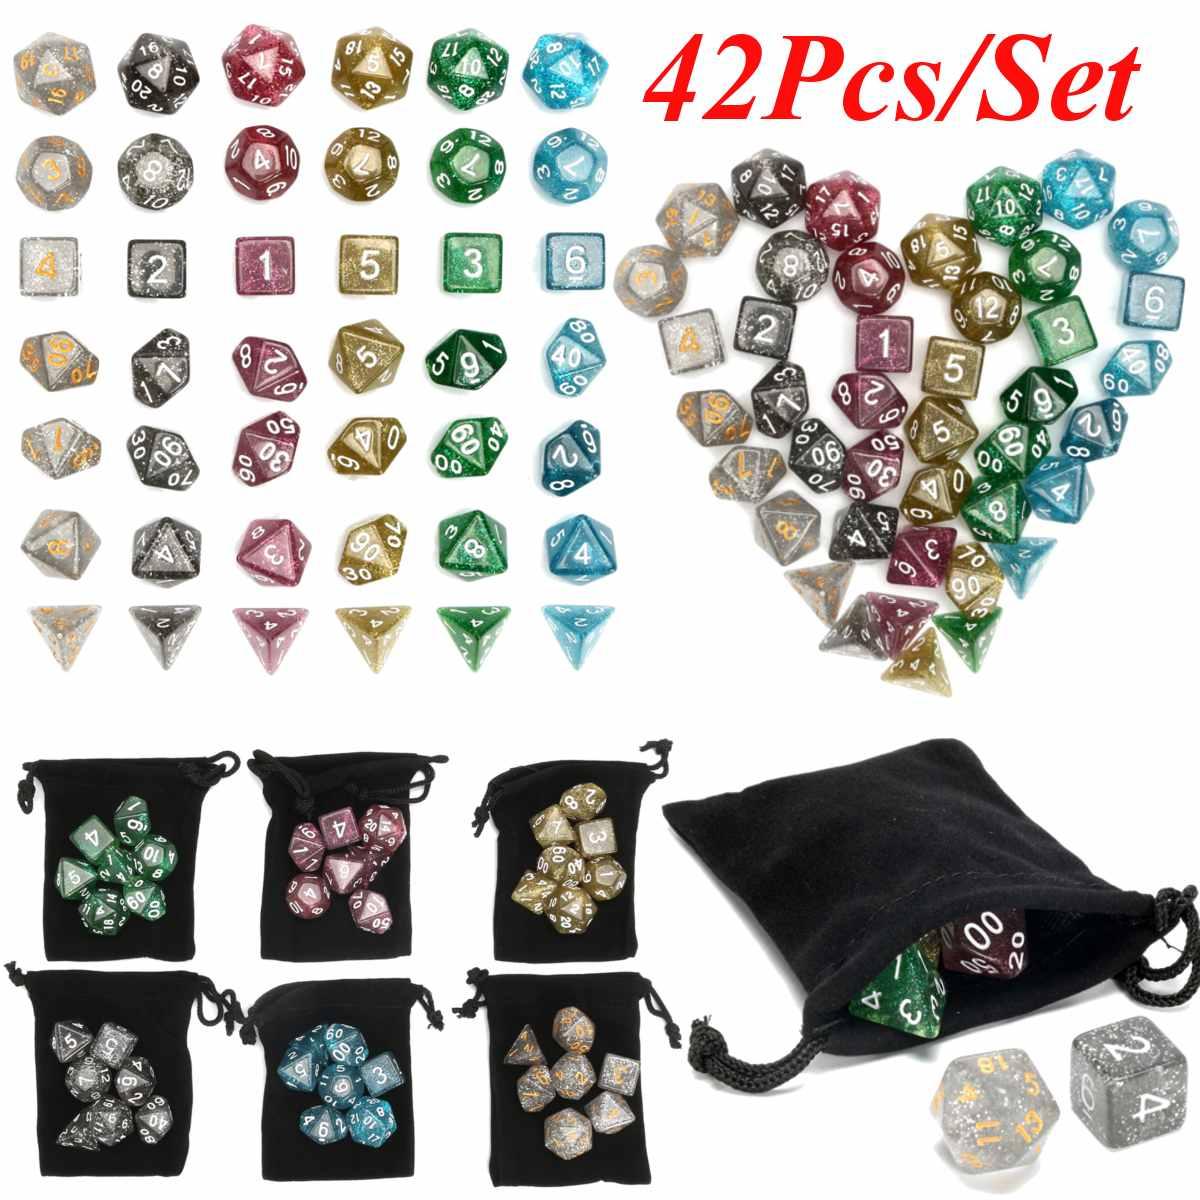 42 pces polyhedral acrílico dados jogo de mesa de tabuleiro com saco cosplay jogos amantes presentes multicolorido cubos com saco para jogos de rpg